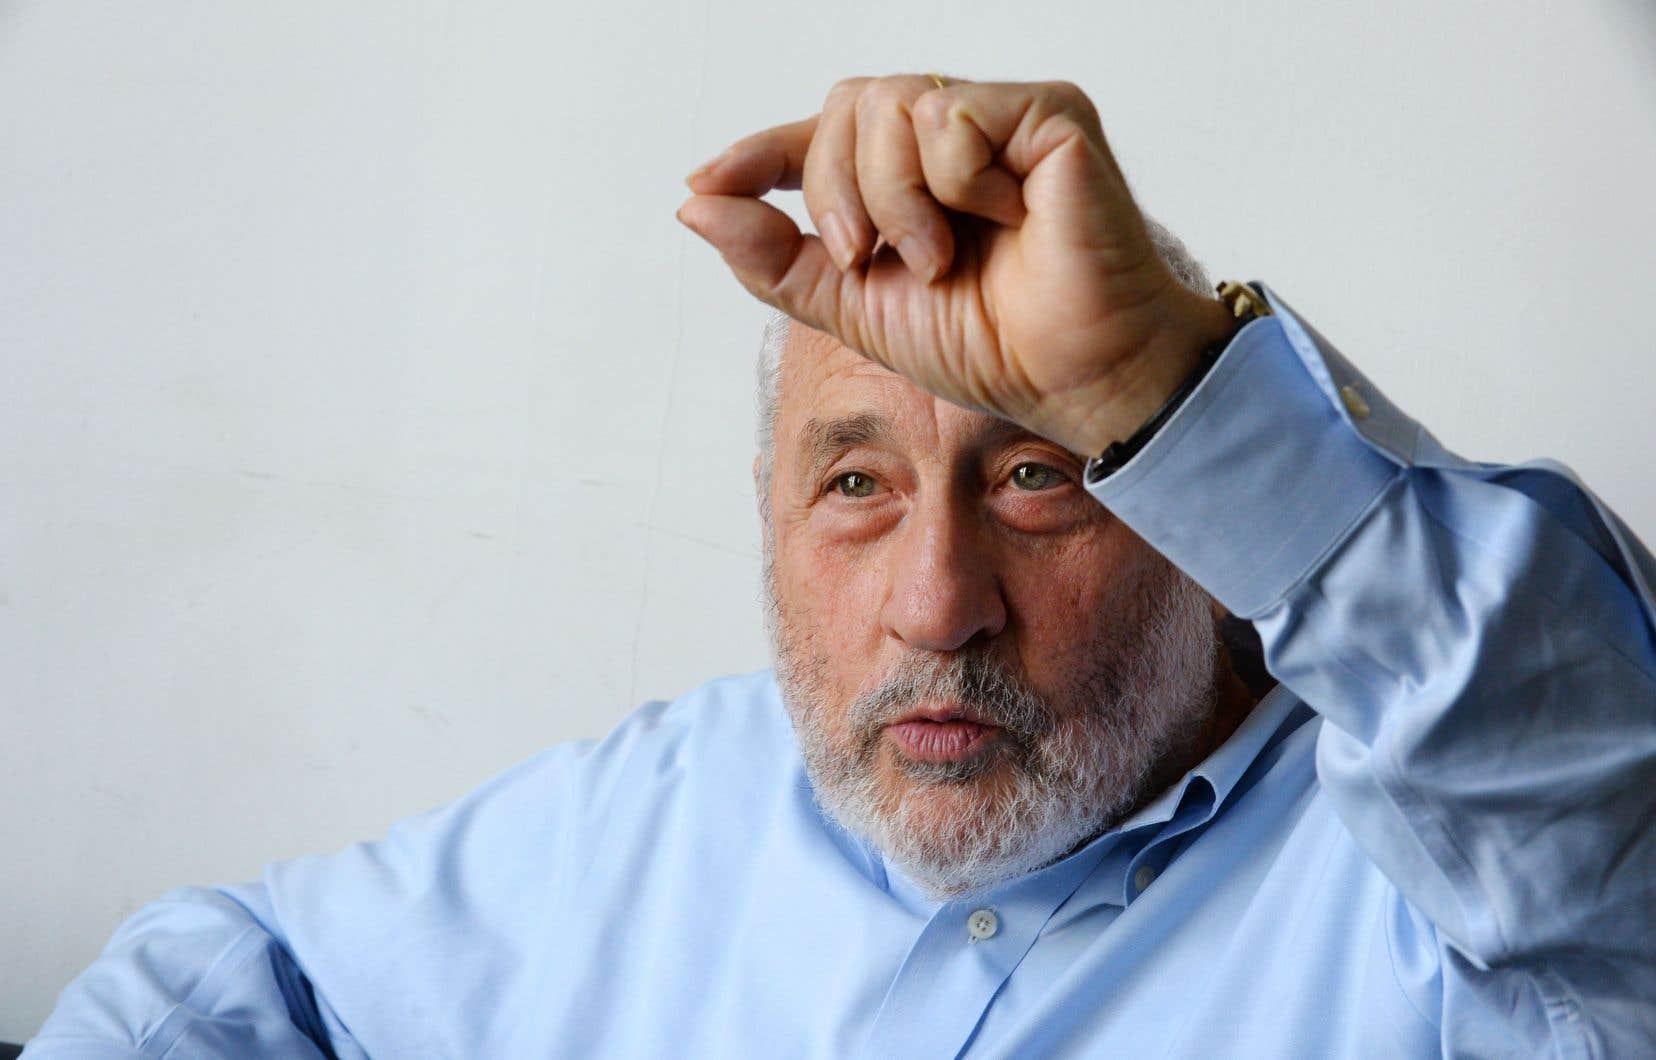 Les économies comme celles du Québec et du Canada sont plus résilientes grâce à leurs mesures sociales, selon l'économiste Joseph Stiglitz.